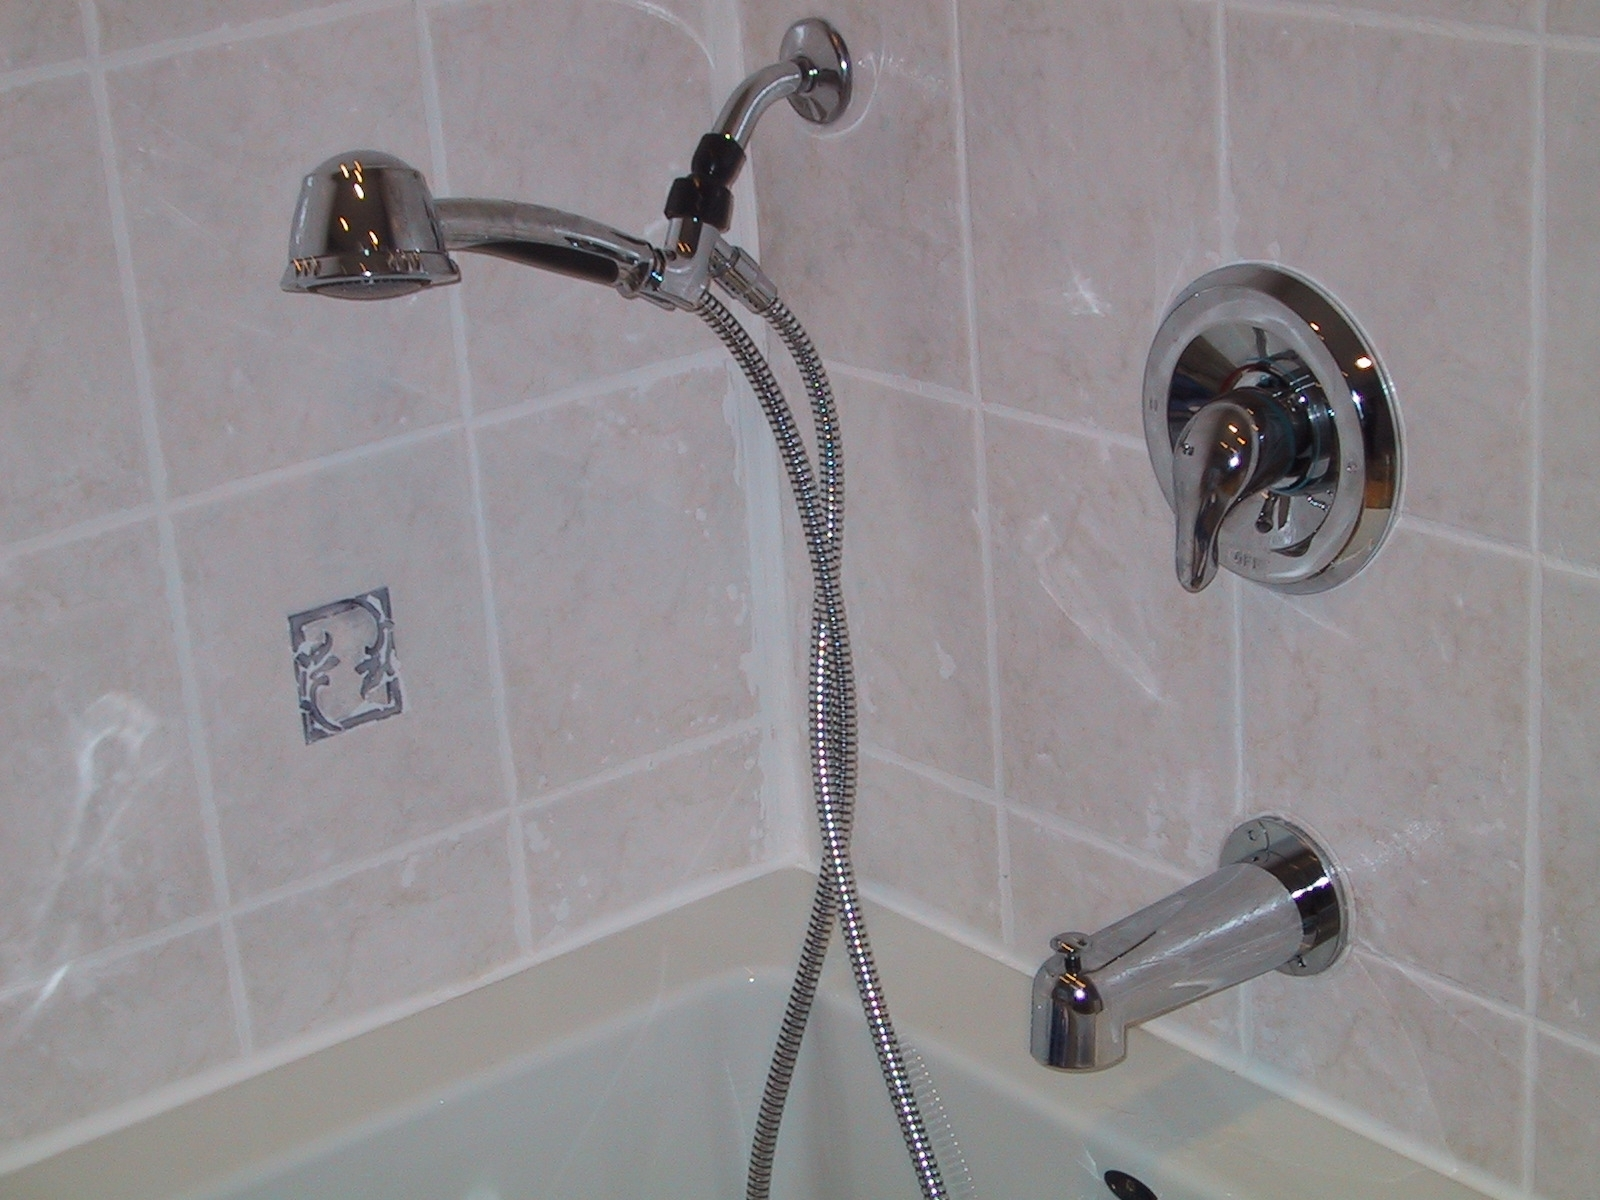 Ideas, attach shower head to bathtub faucet attach shower head to bathtub faucet bathroom compact bath faucet shower attachment 61 hose delta 1600 x 1200  .